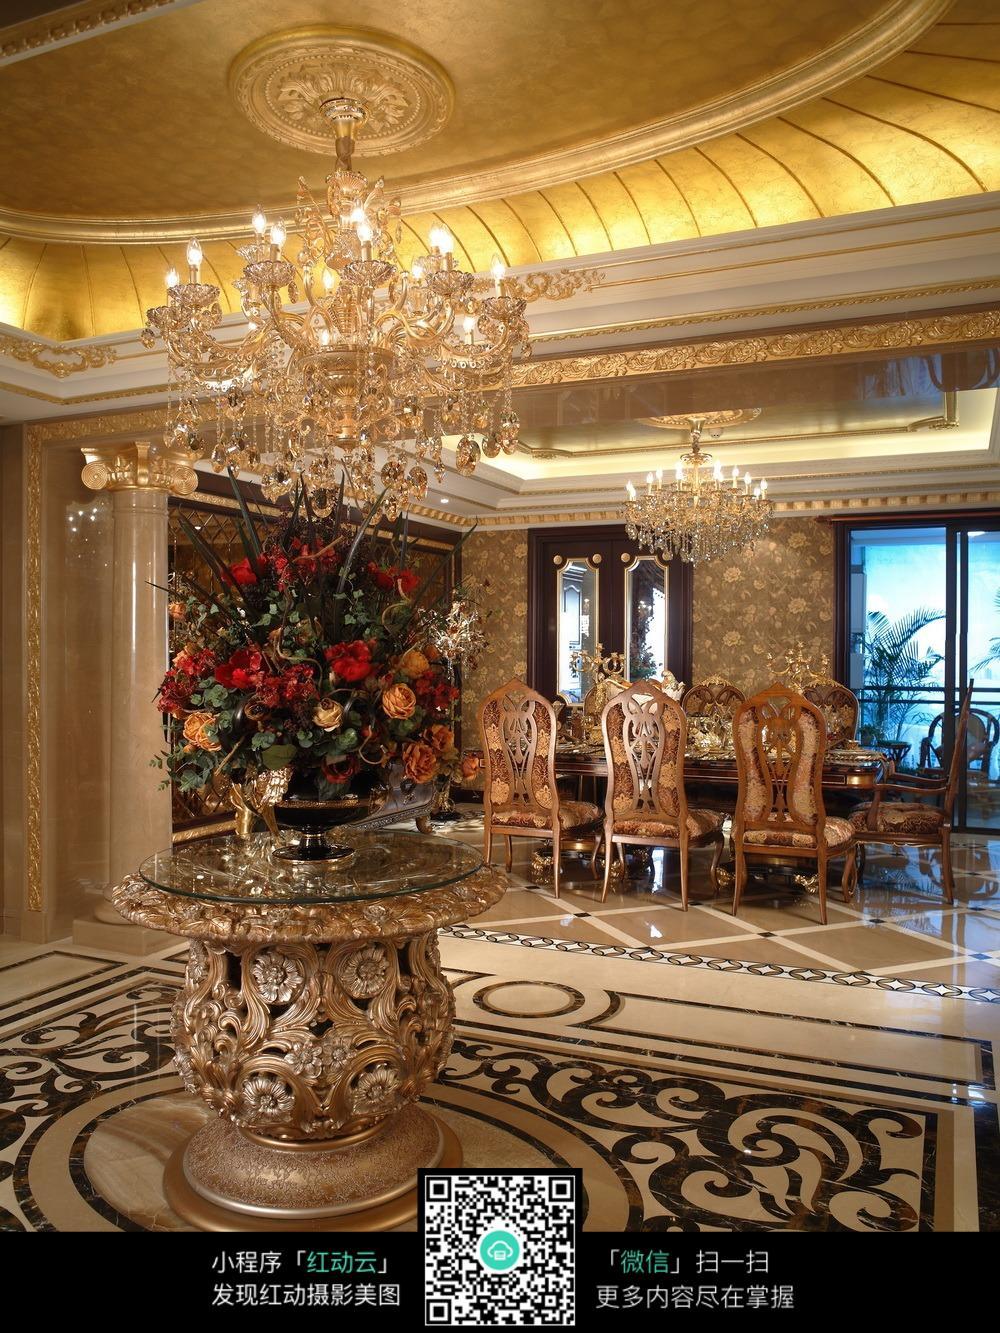 豪华欧式家居室内装饰图片